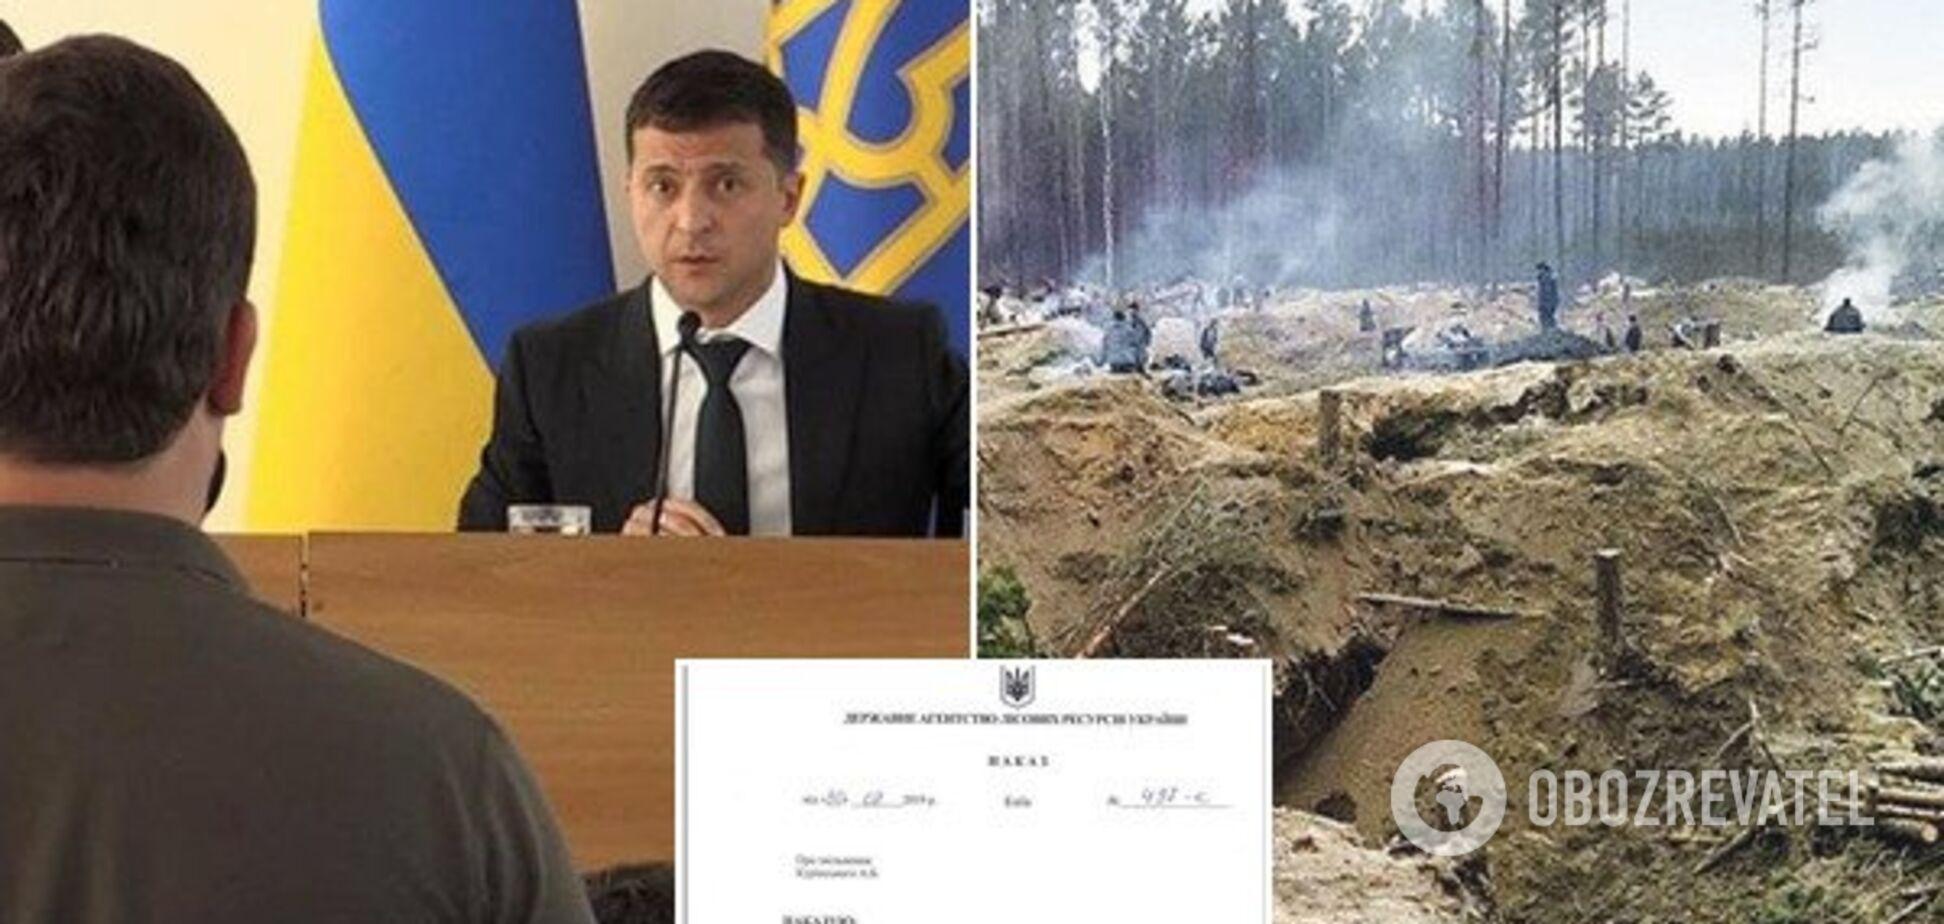 Бурштинові 'війни': на Житомирщині звільнився чиновник, якого 'розніс' Зеленський